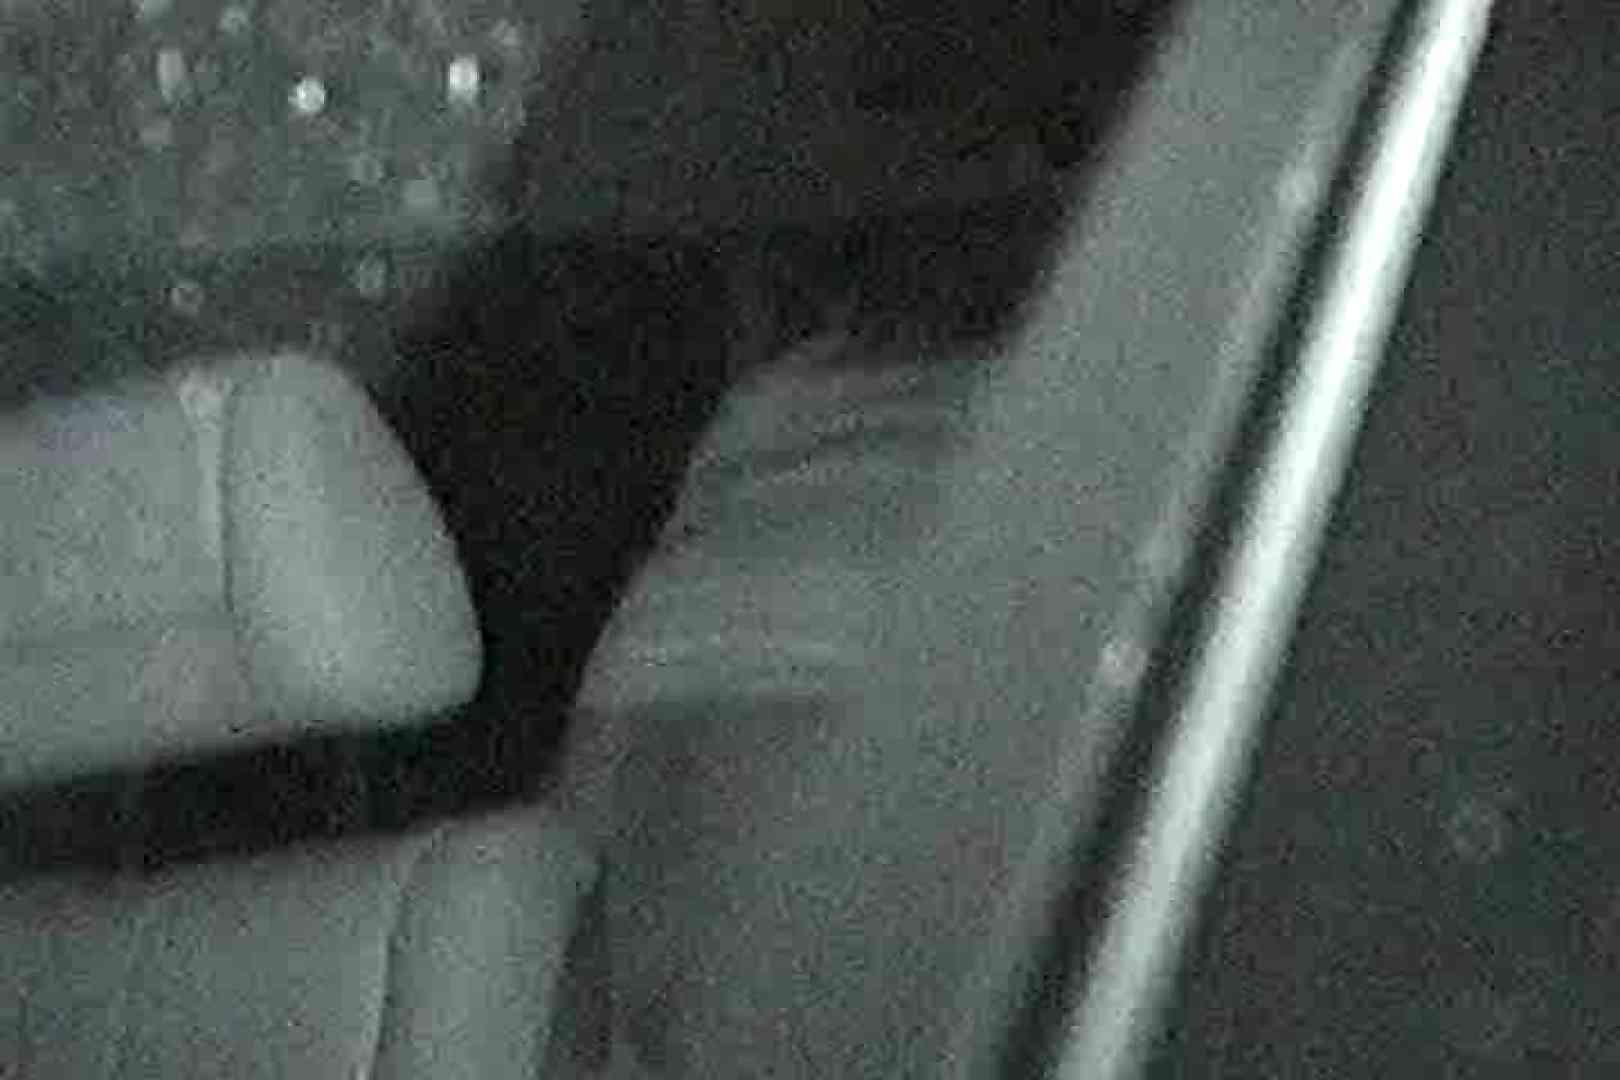 充血監督の深夜の運動会Vol.11 OL女体 オメコ動画キャプチャ 102連発 14